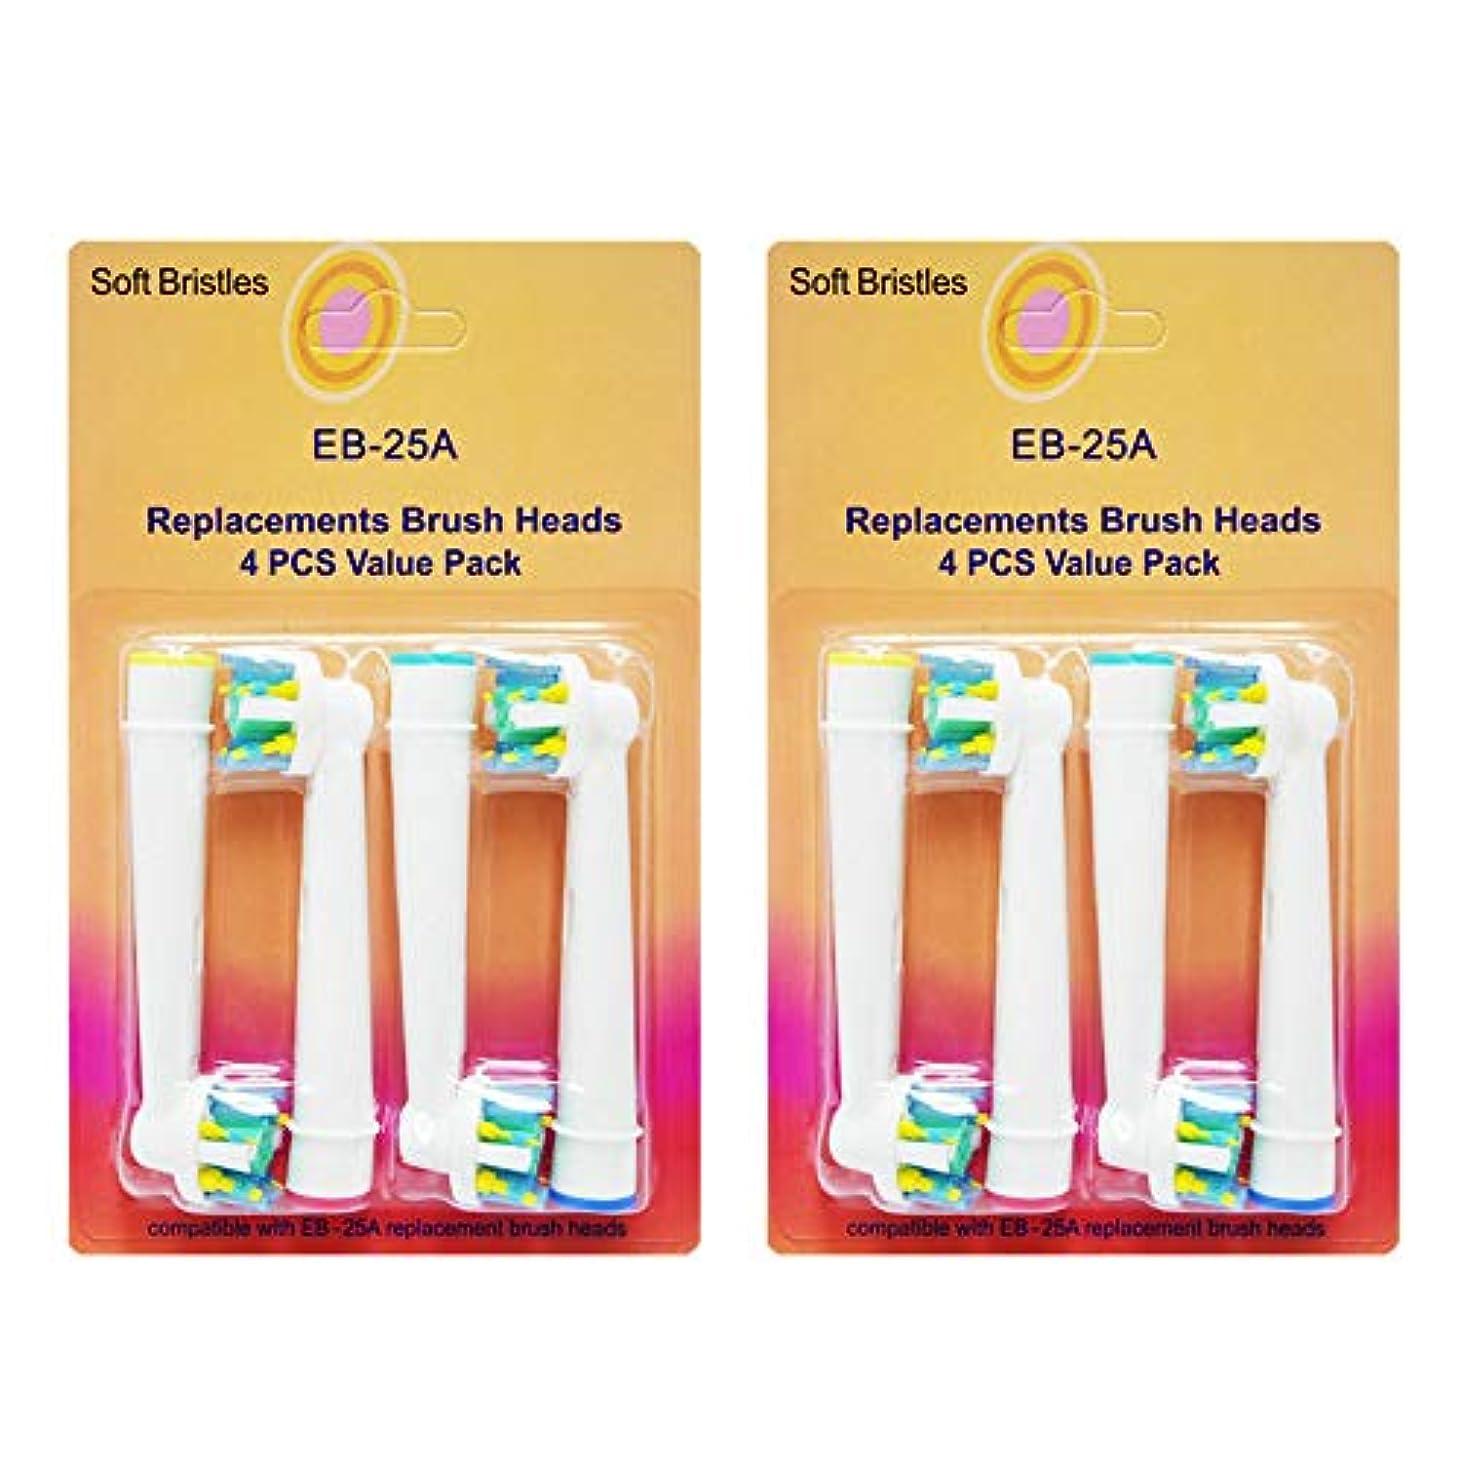 ノイズシャワー宝ブラウン BRAUN オーラルB 対応 歯間ワイパー付ブラシ 互換 ブラシ 相当品 歯ブラシ 互換ブラシ (2セット合計8本(4本1セット×2)) アーモロート(amaurot) EB25 EB-25 eb25 eb-25